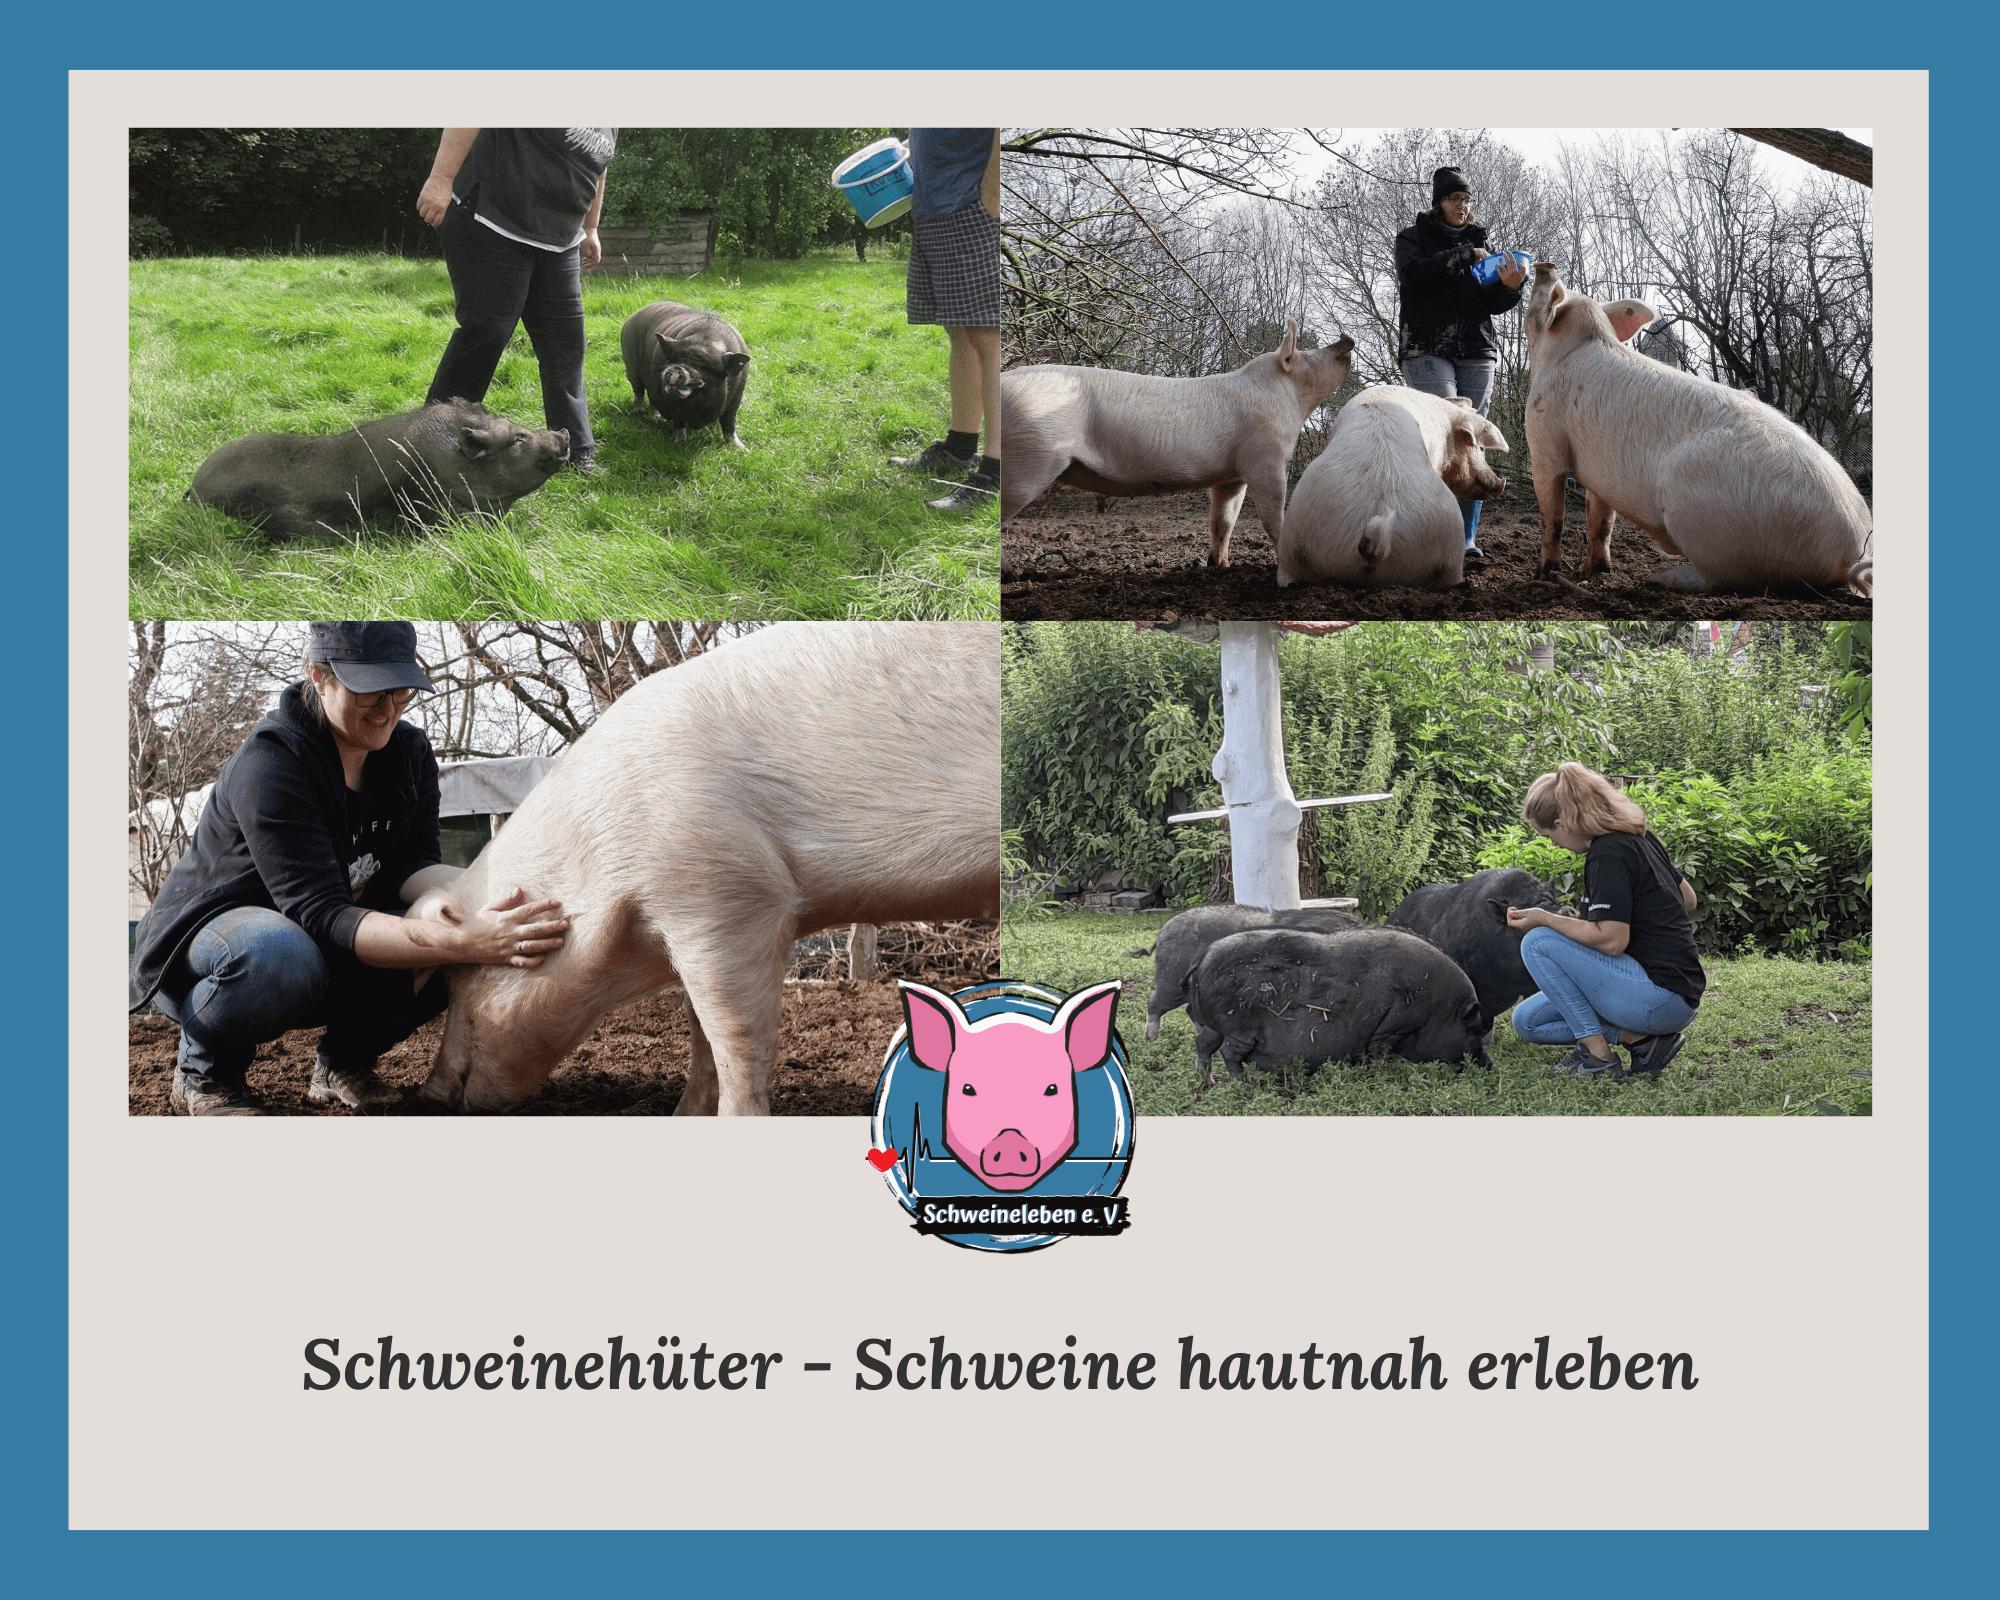 Schweine erleben - Schweinehüter